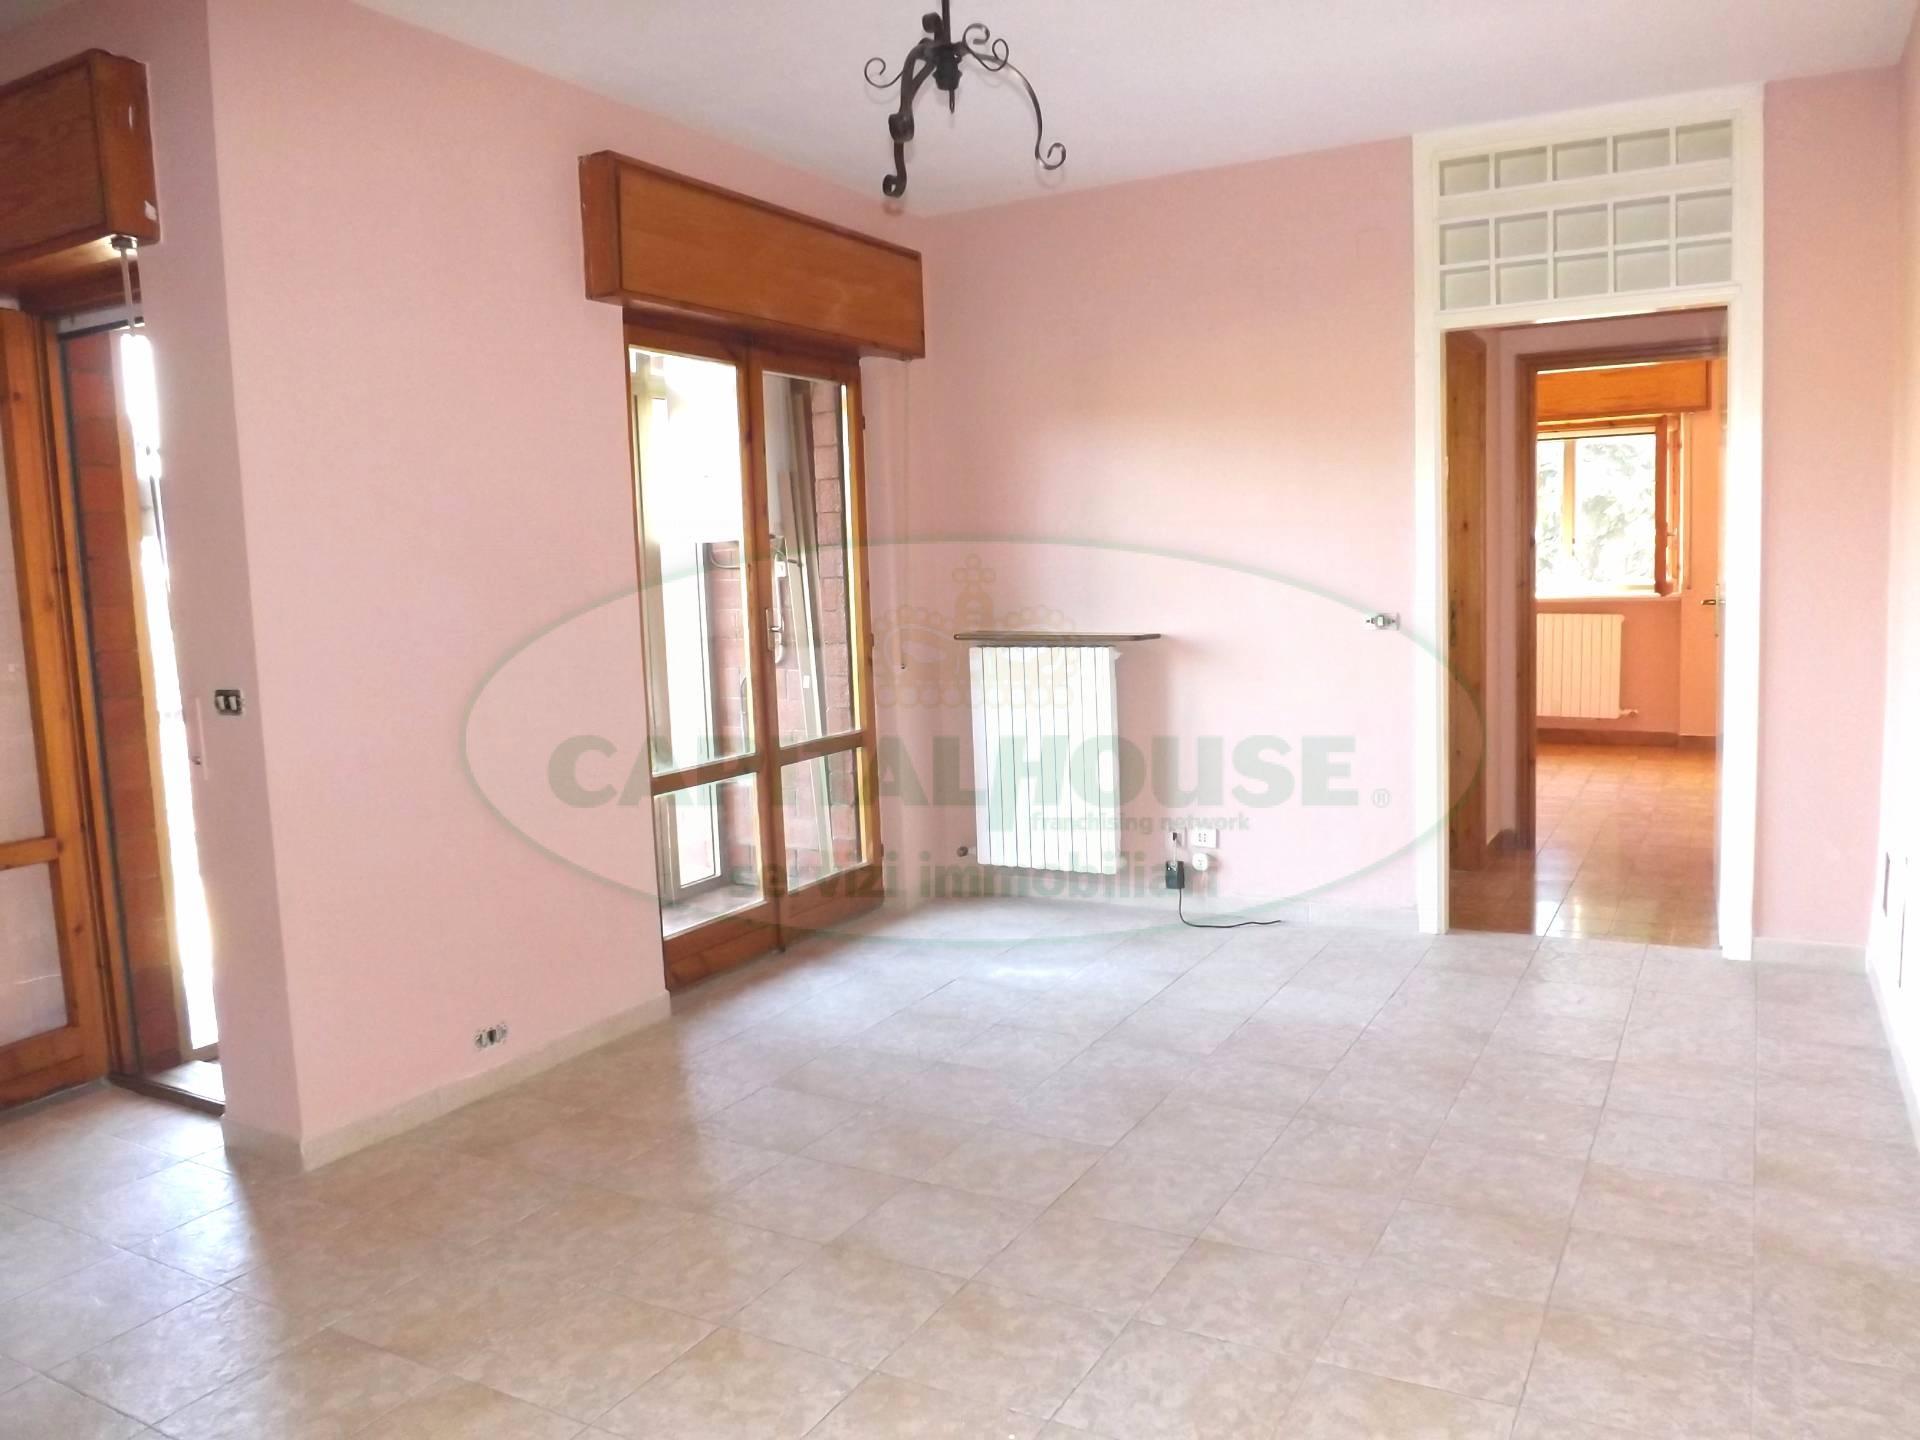 Appartamento in affitto a Atripalda, 2 locali, prezzo € 300 | CambioCasa.it